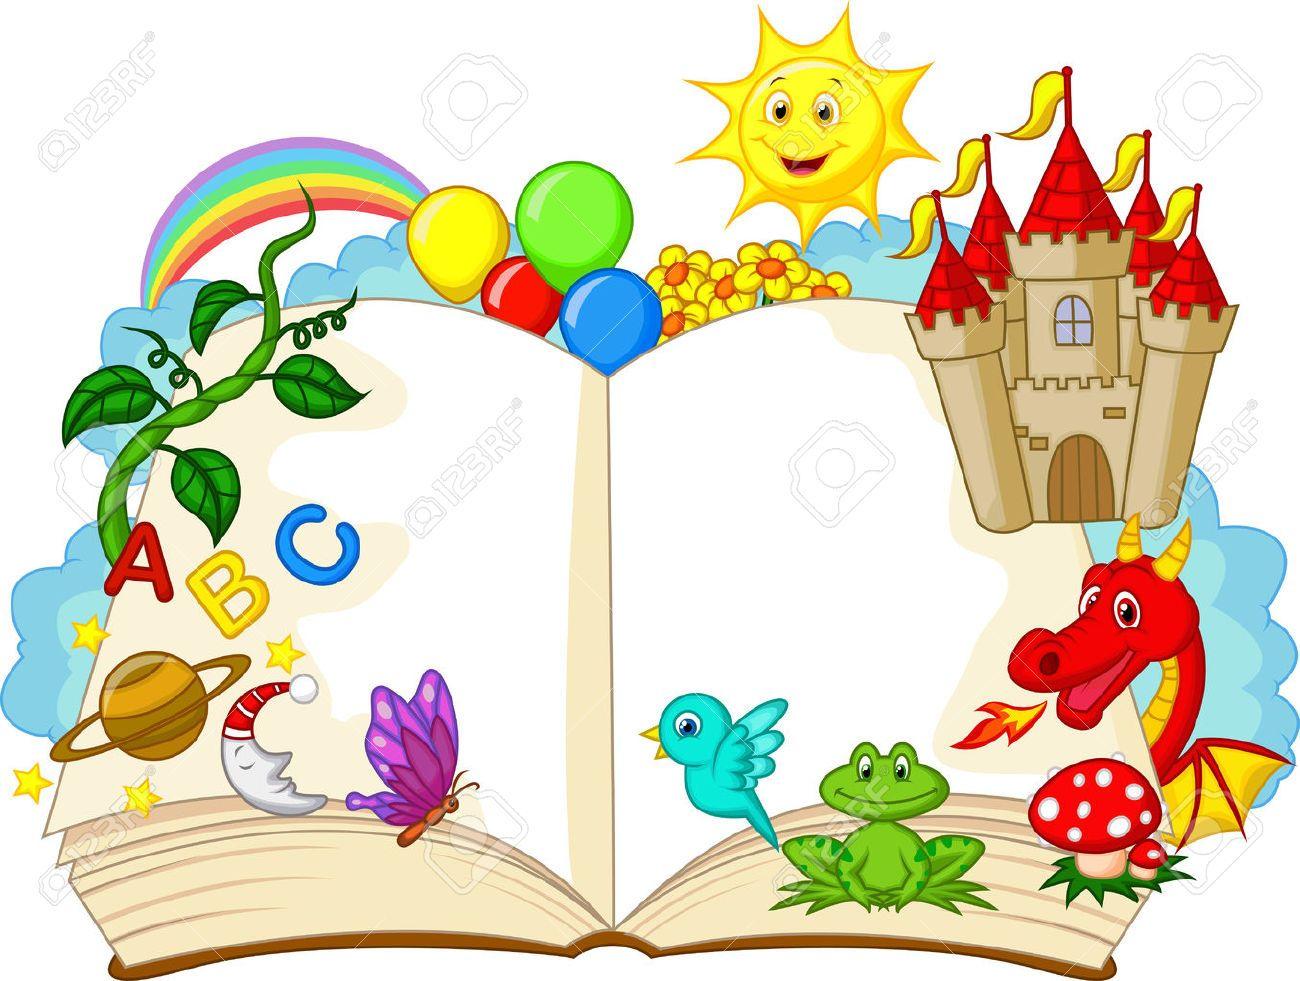 Imagen relacionada | Imagenes de libros animados, Decoraciones escolares,  Decoración preescolar